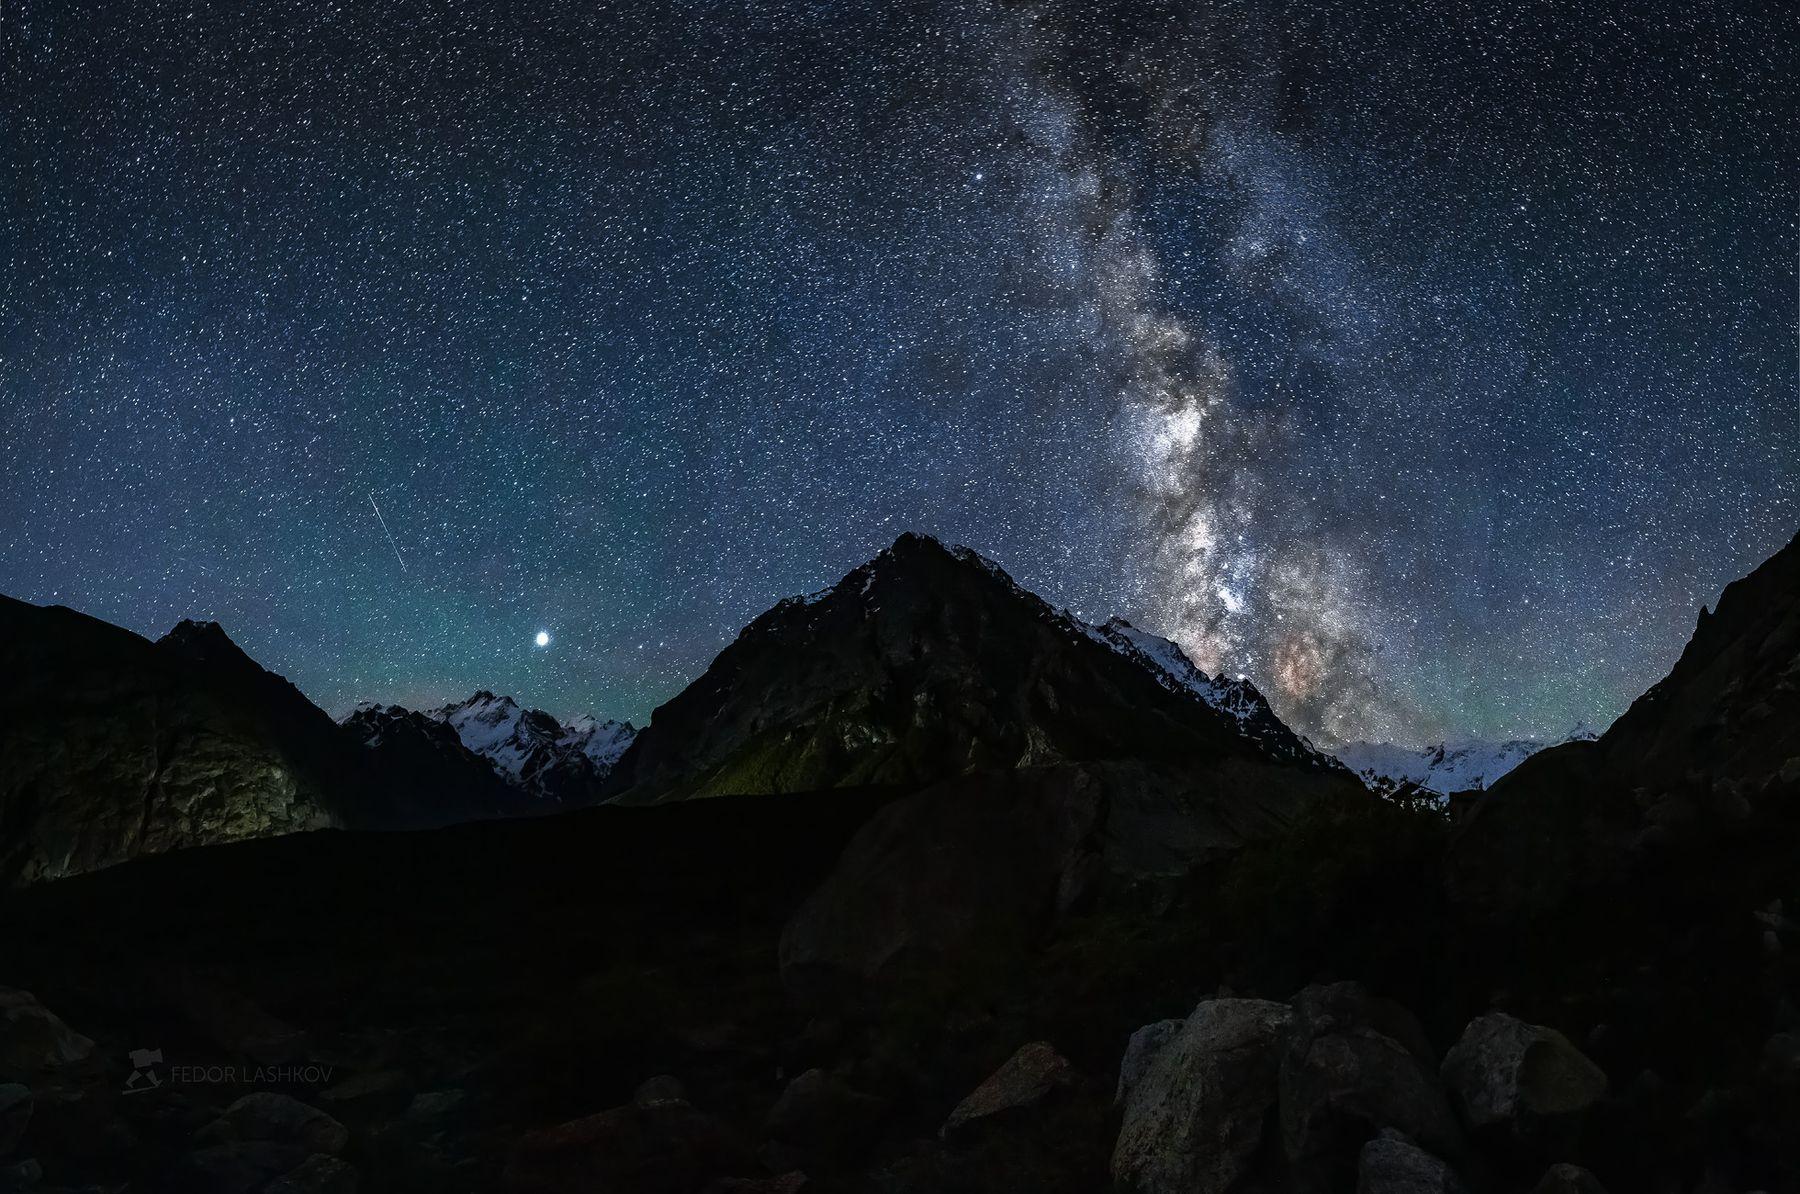 Звёздная ночь в горах Северный Кавказ горы гора вершина путешествие туризм хребет Безенгийская стена Кабардино-Балкарский высокогорный заповедник лето Безенги ночь звёзды звёздное ночное река речное Млечный Путь